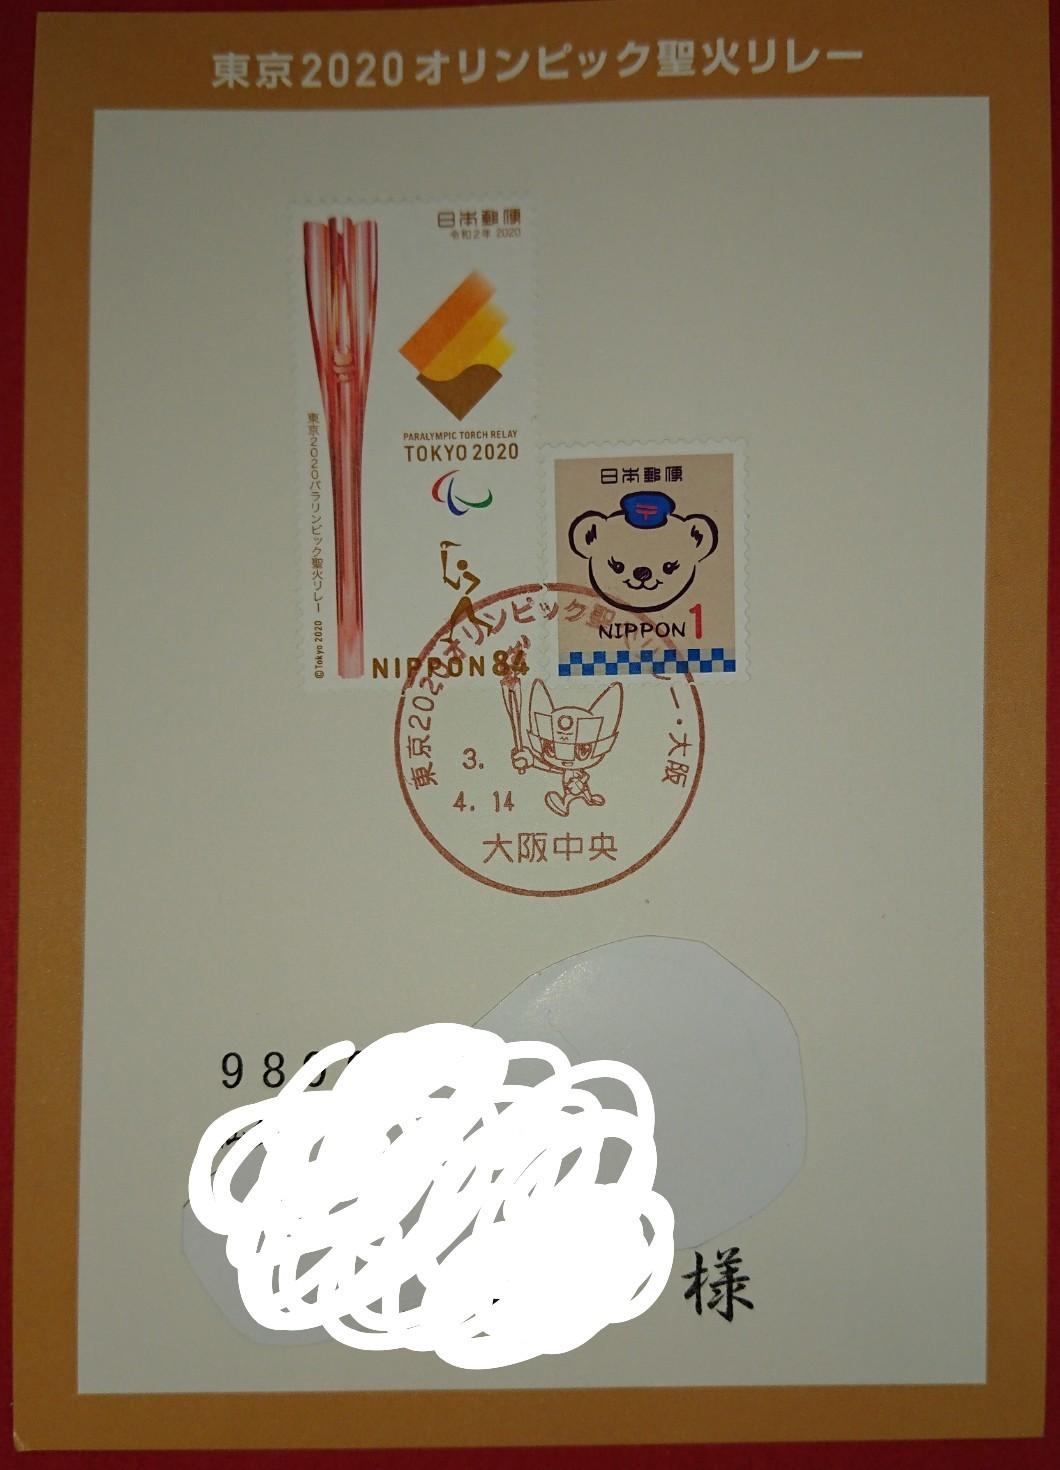 オリンピック聖火リレーの記念押印♪_b0124466_05393780.jpg